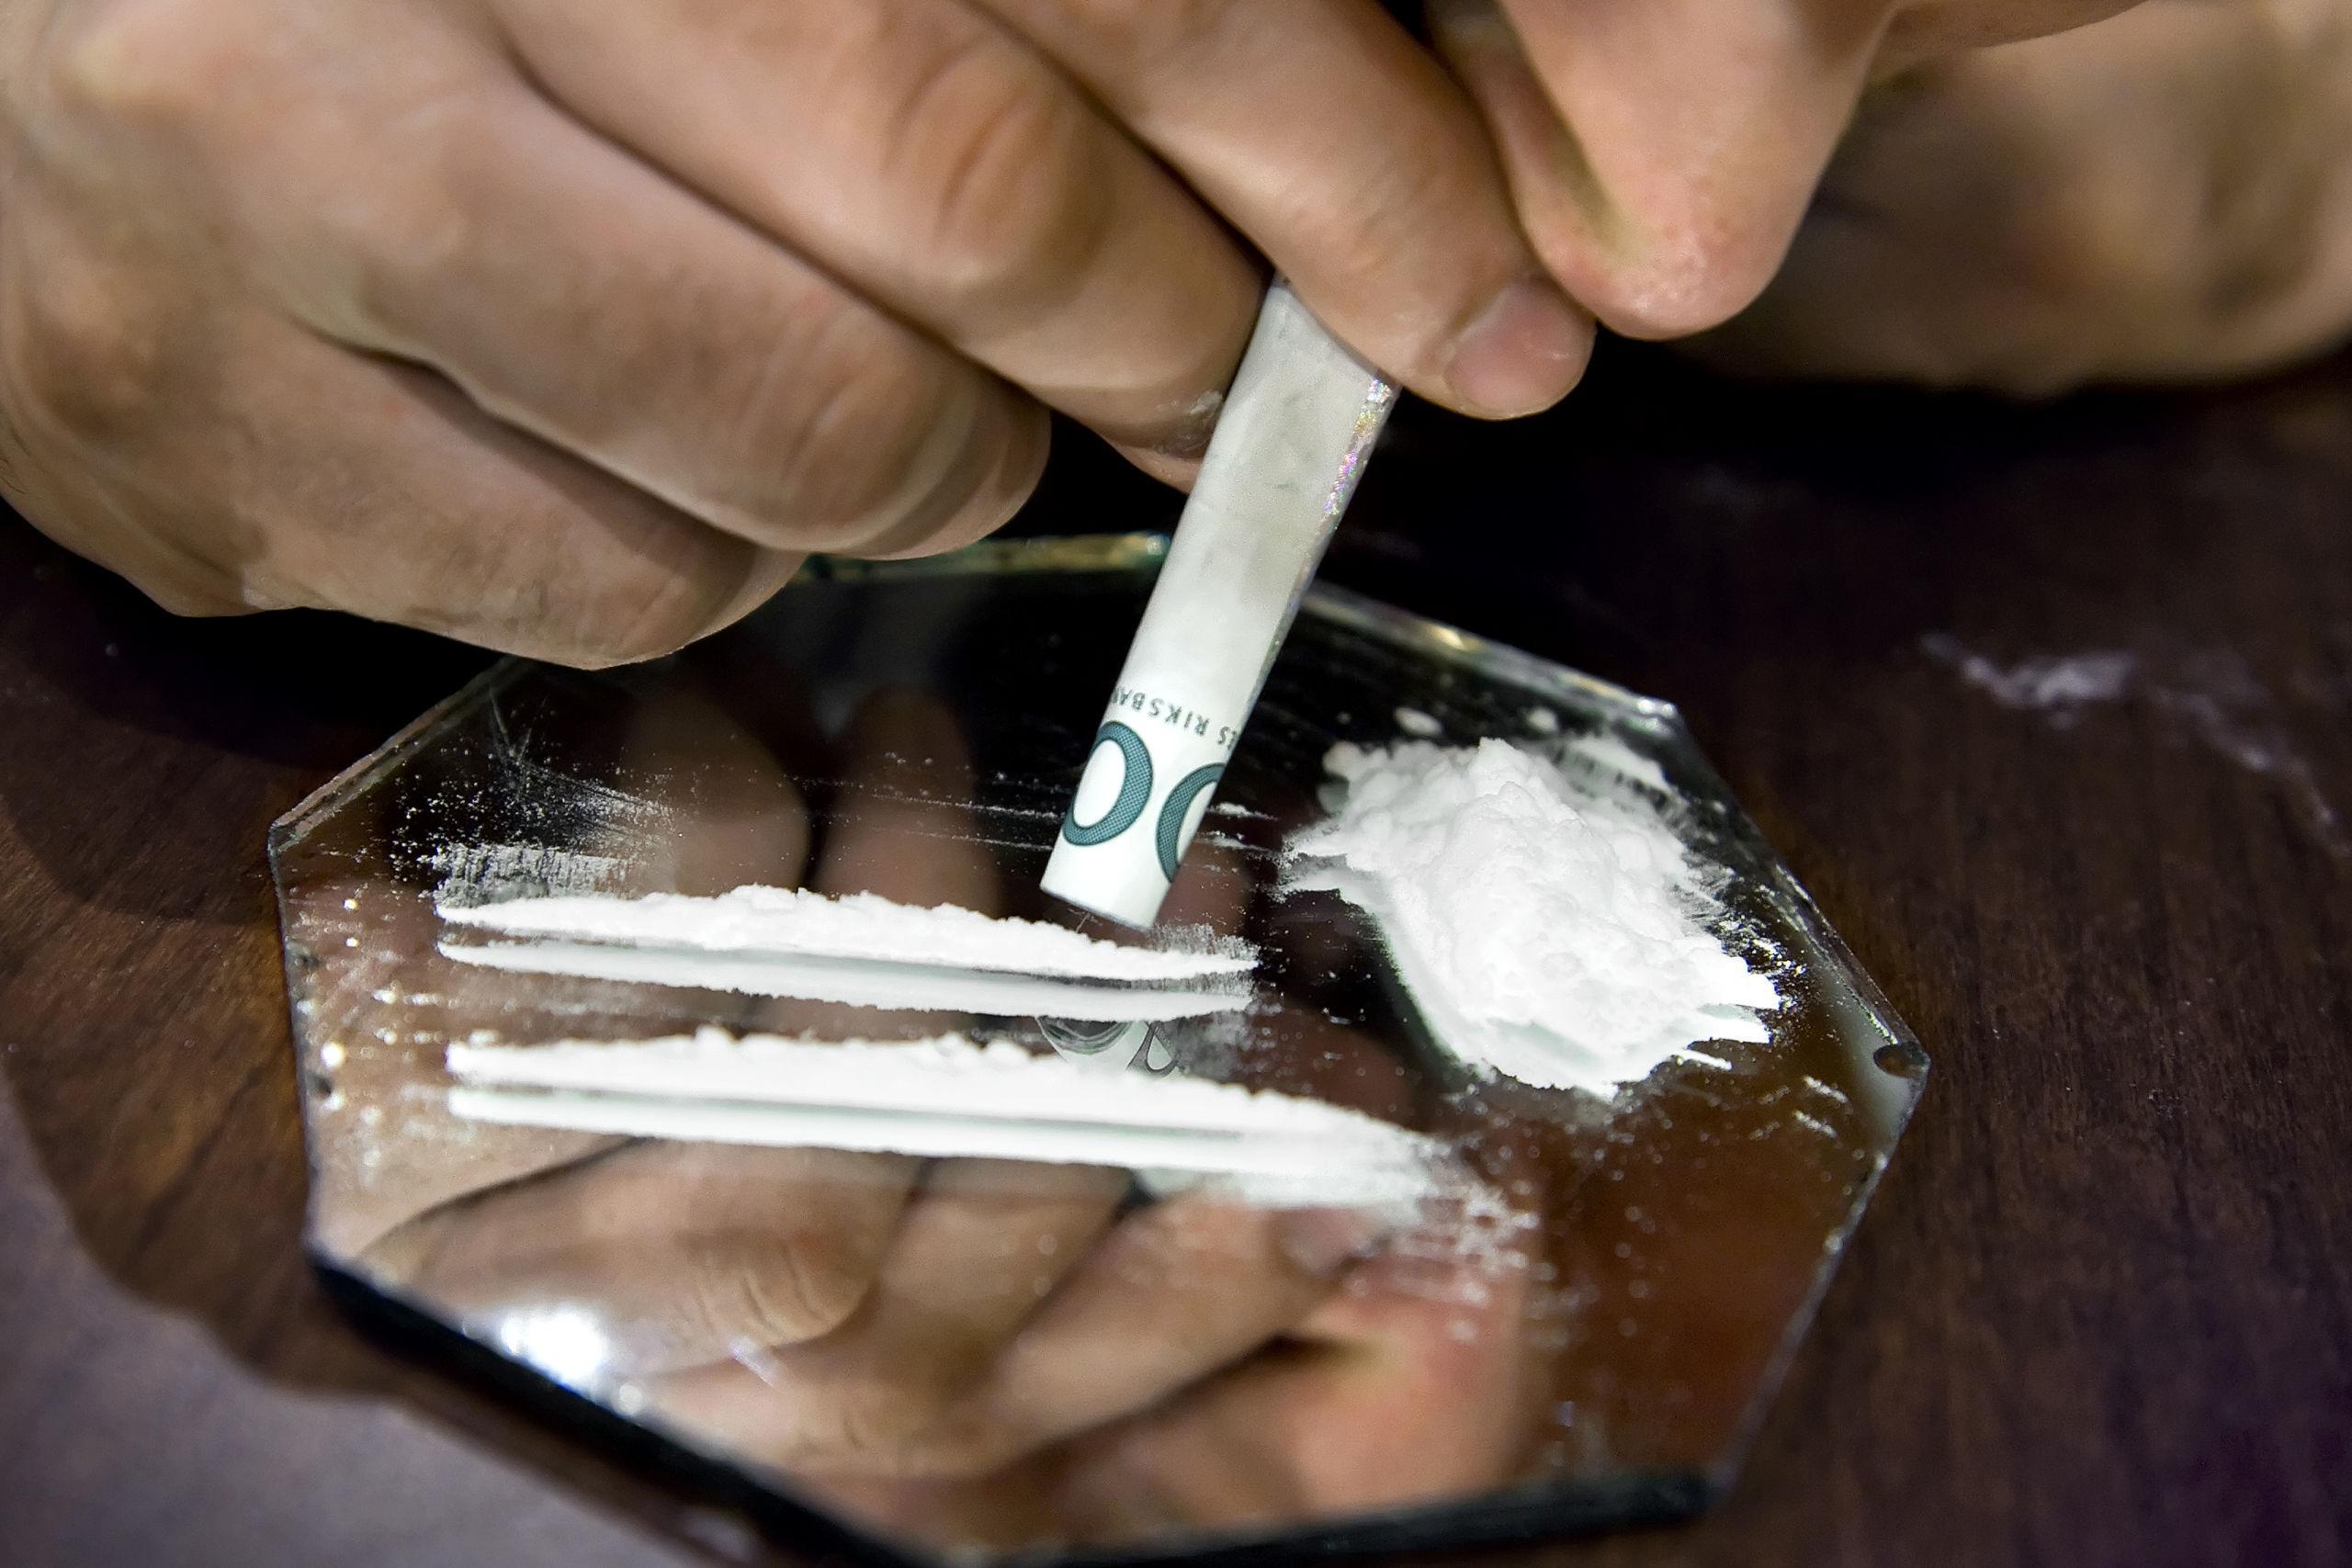 Ung man döms för att ha brukat narkotika – har erkänt att han tagit två linor kokain